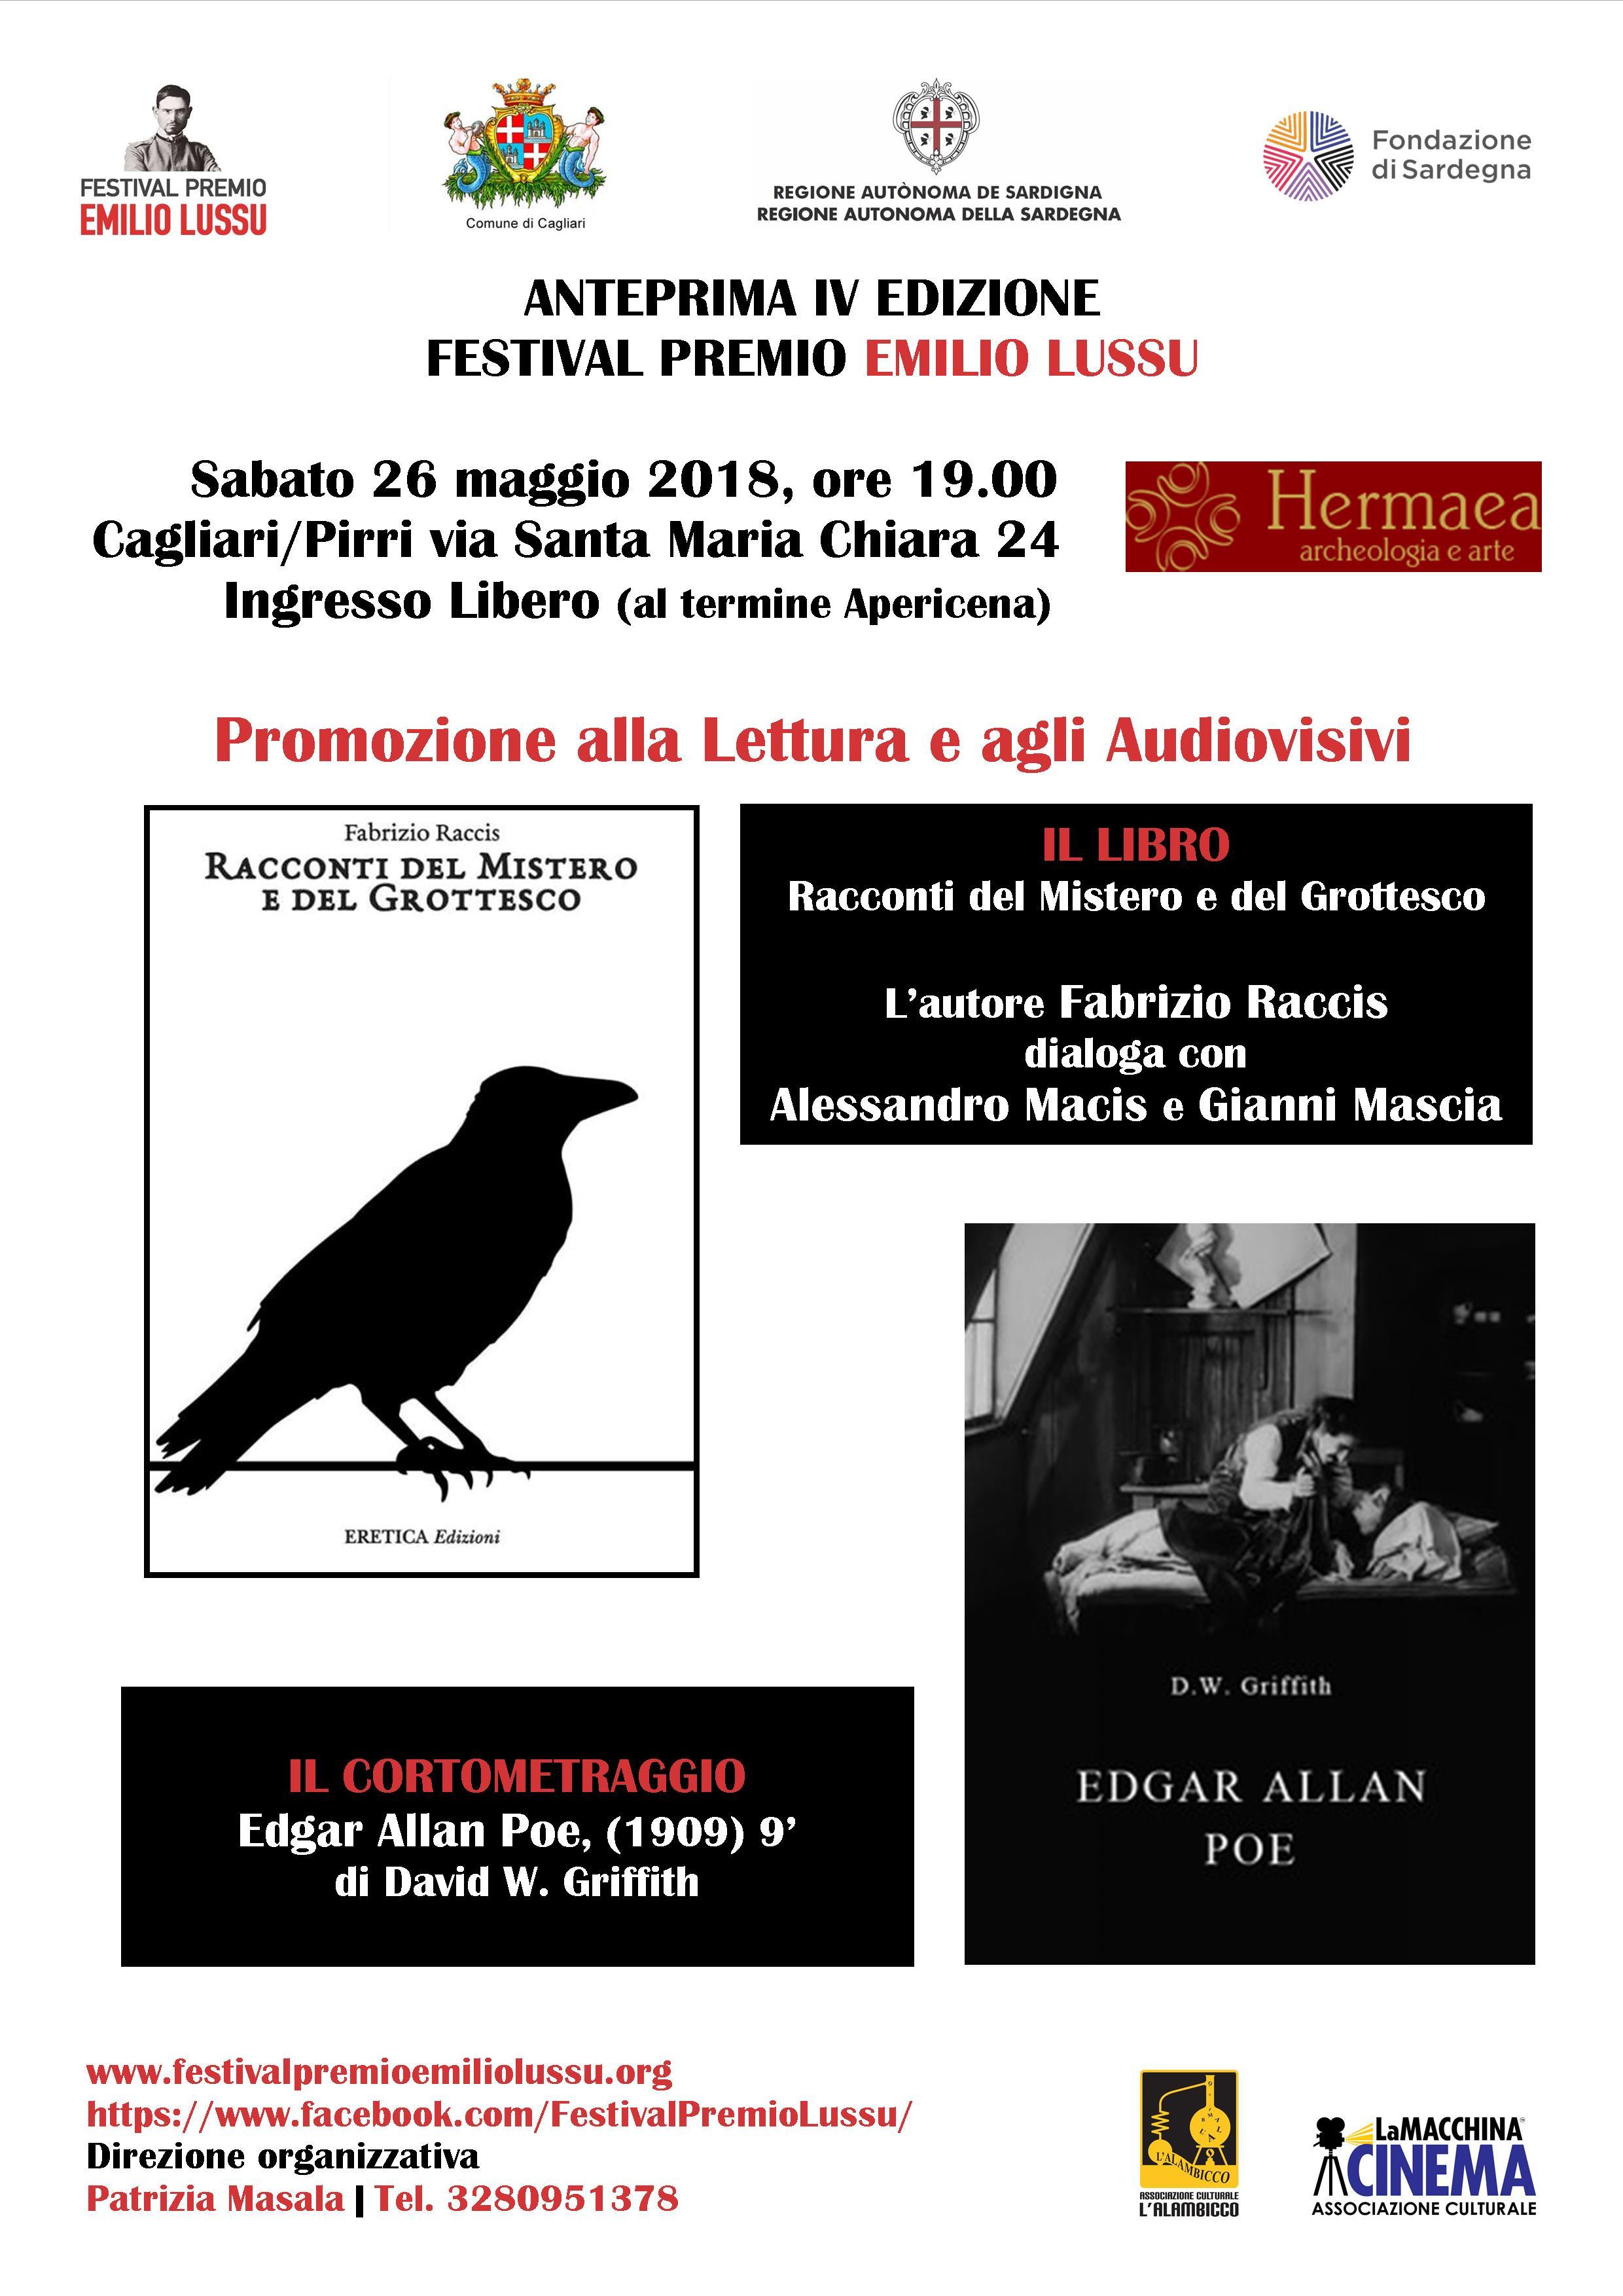 Anteprima Festival Premio Emilio Lussu / Promozione Alla Lettura E Agli Audiovisivi